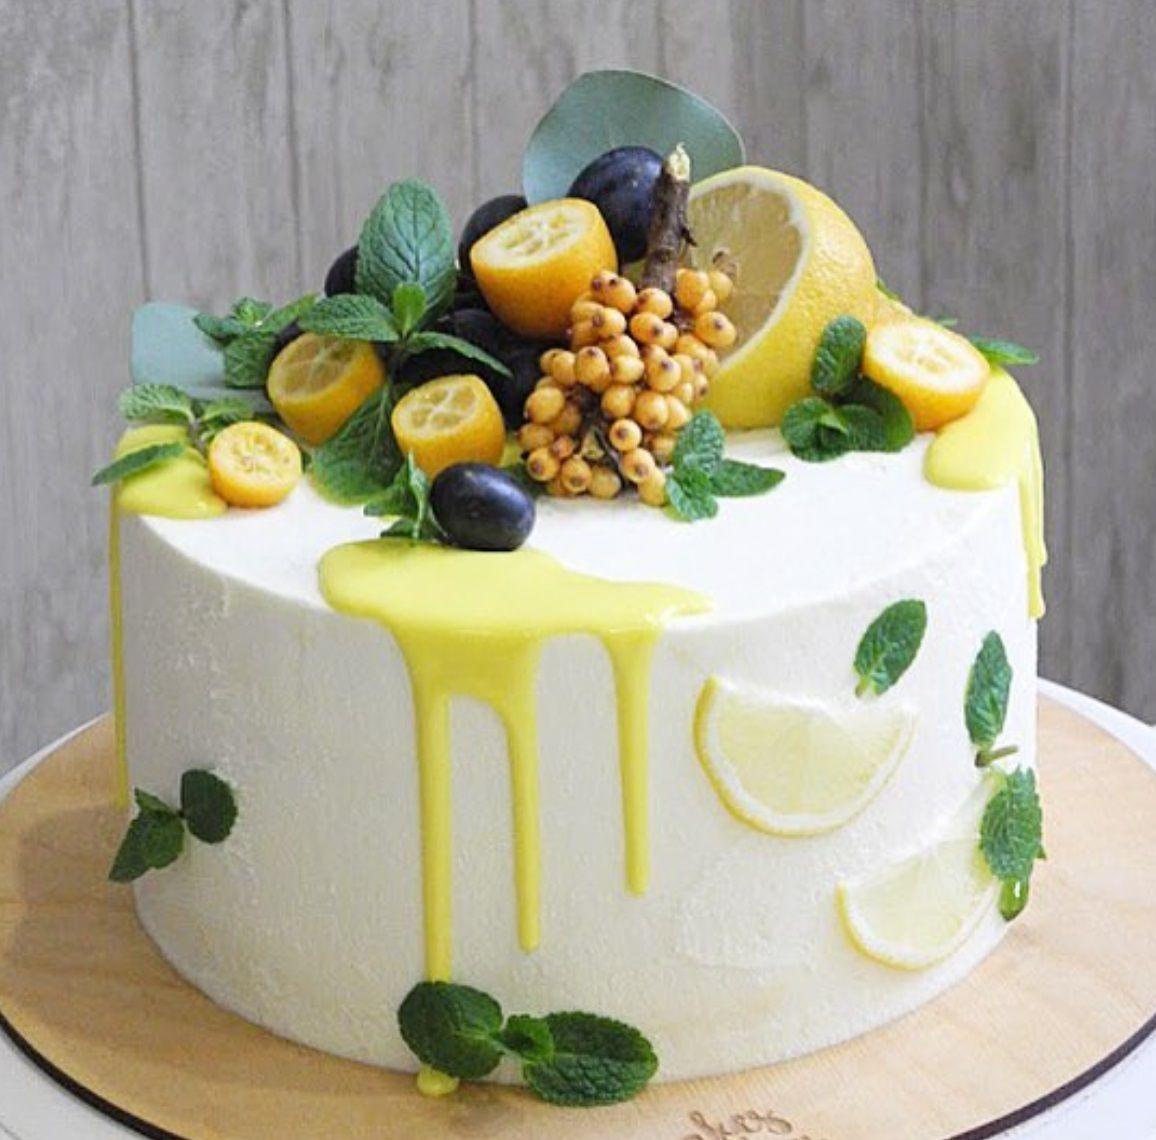 Украшение торта своими руками в домашних условиях: 120 фото-идей, видео уроки и инструкции по оформлению выпечки